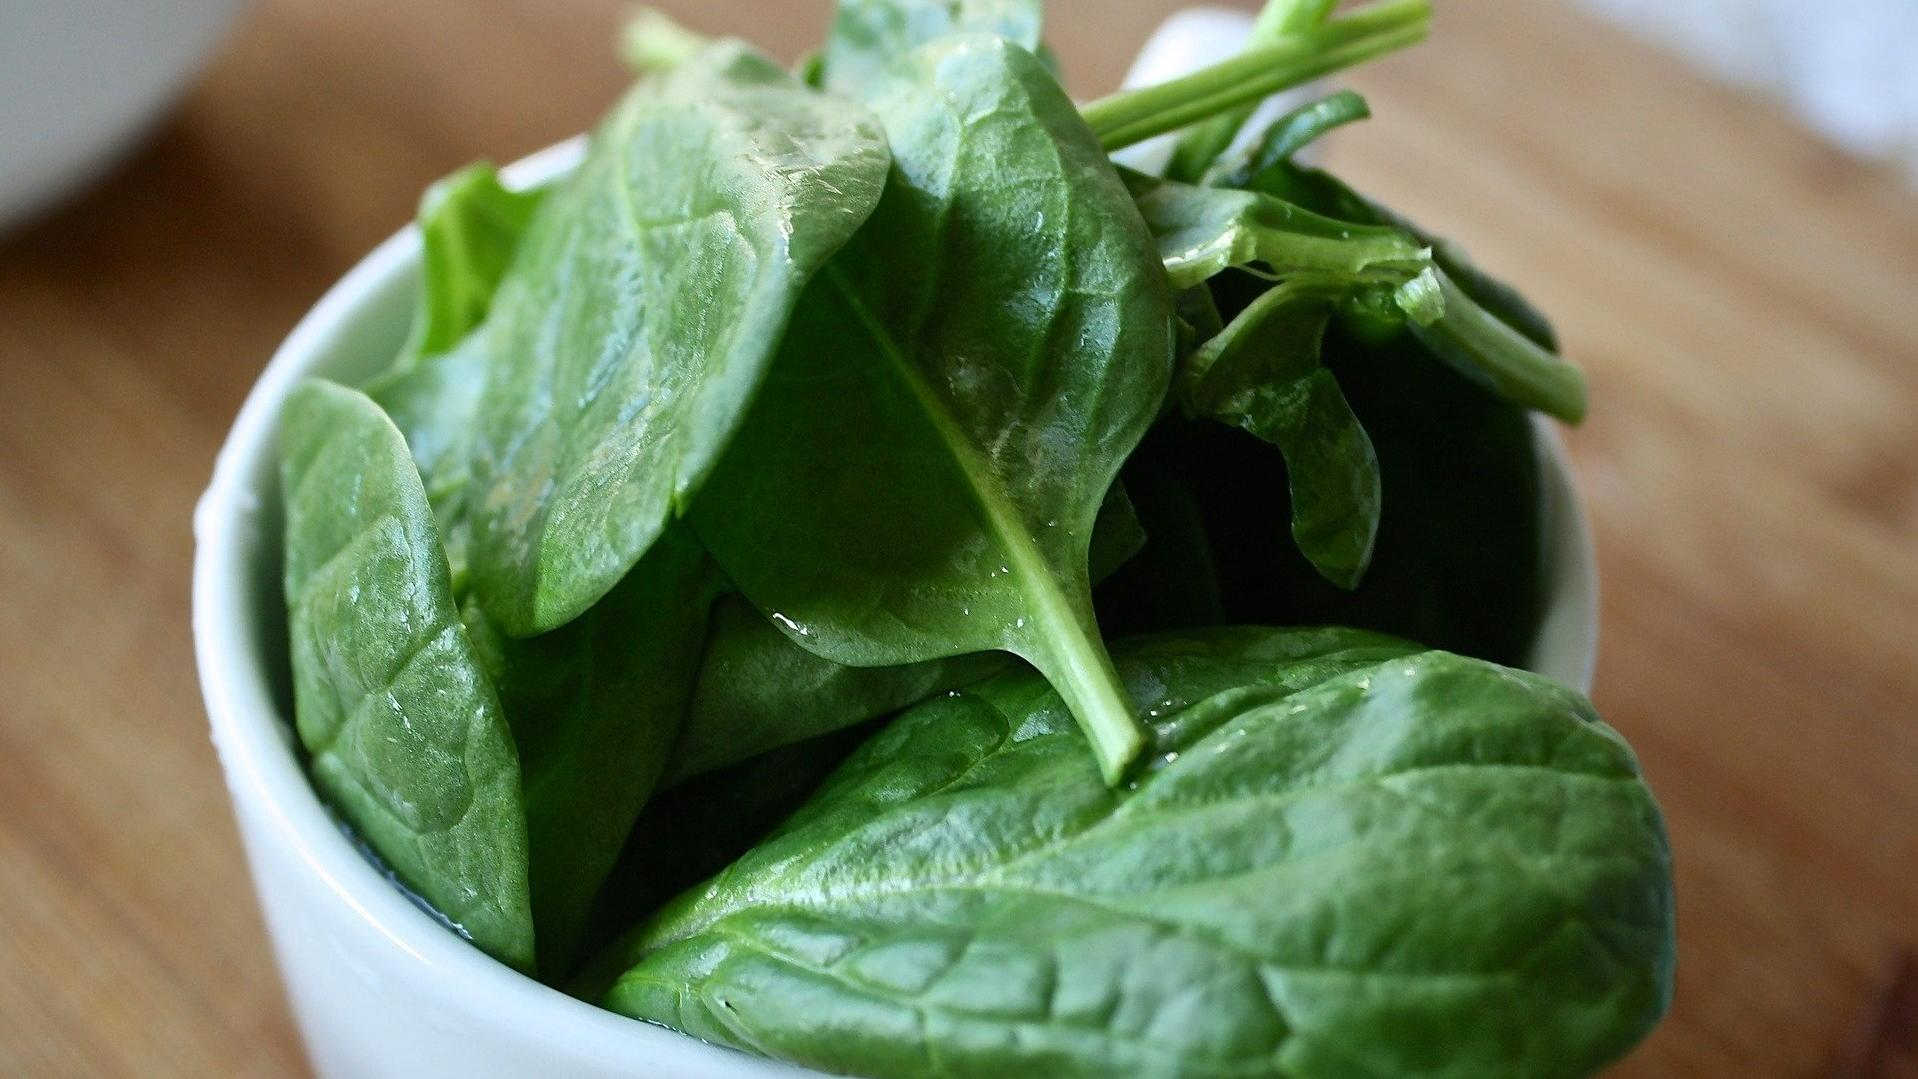 Nach Spinat Durchfall bekommen - dafür gibt es viele Gründe